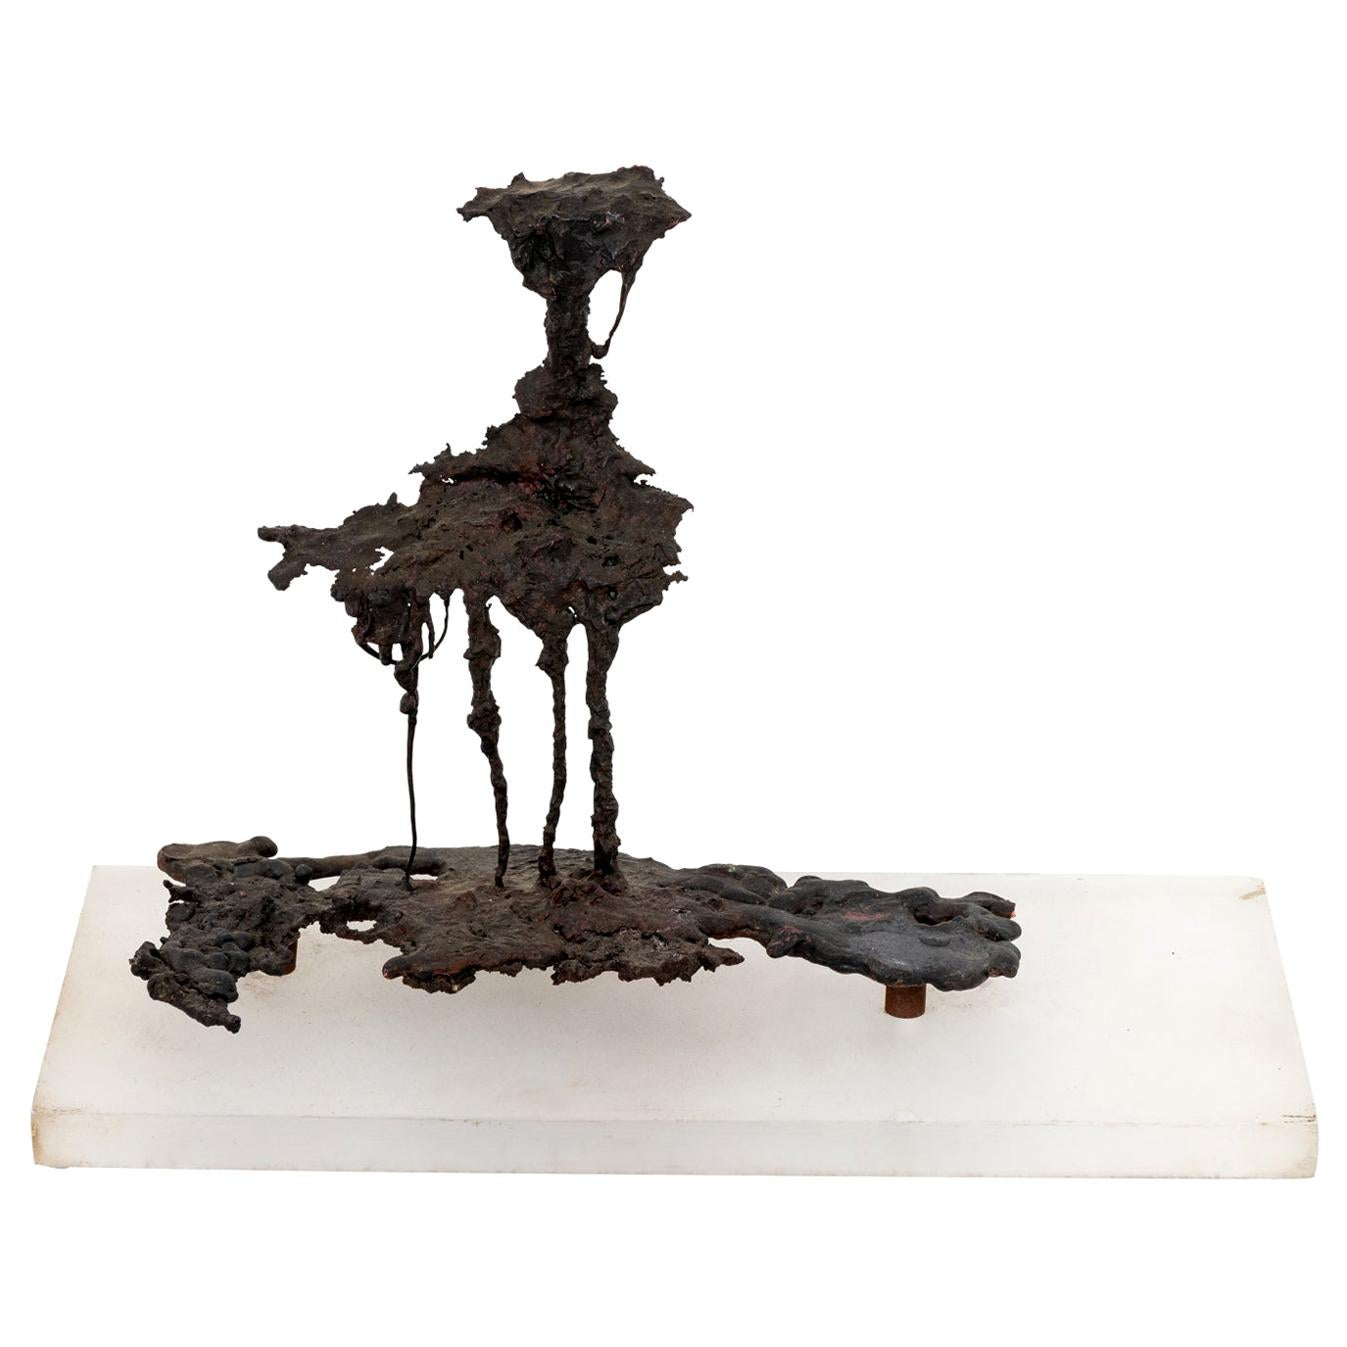 Abstract Bronze Spill Cast Sculpture